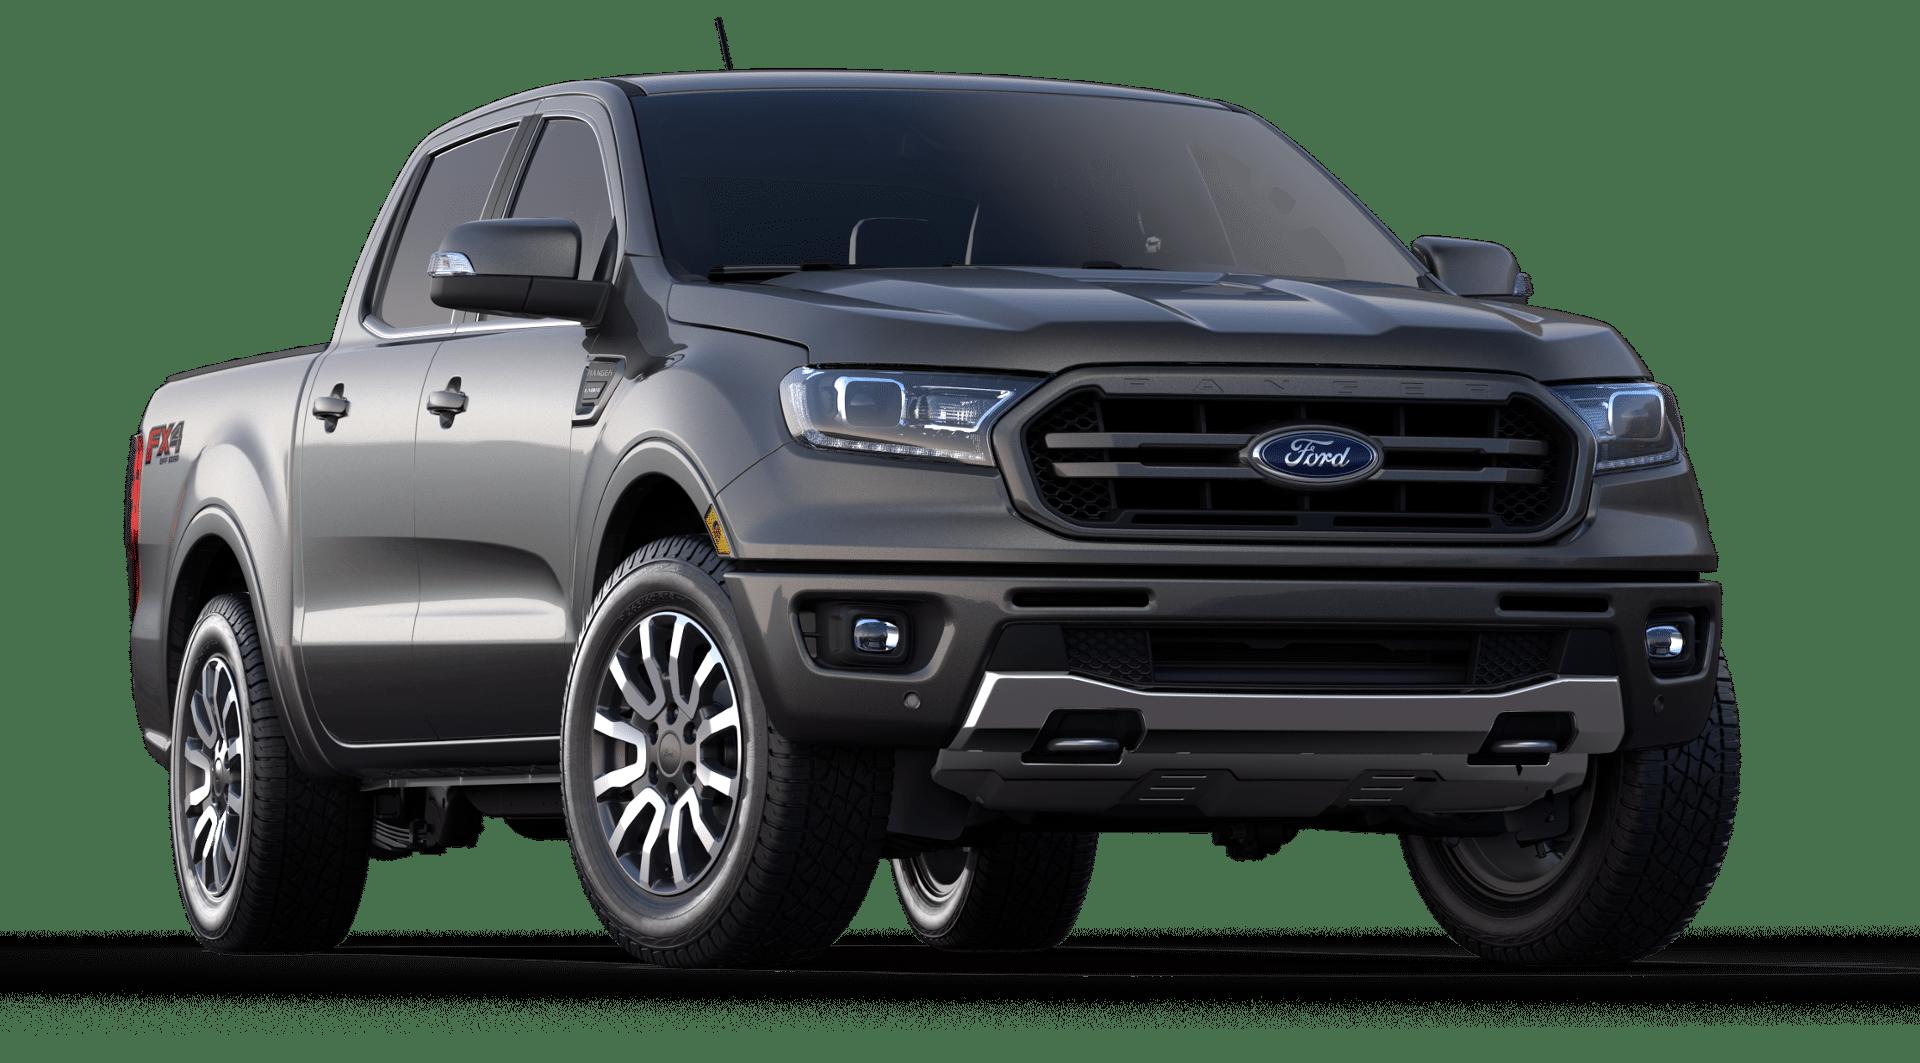 Exterior View Of 2019 Ranger Ford Ranger 2019 Ford Ranger 2020 Ford Ranger